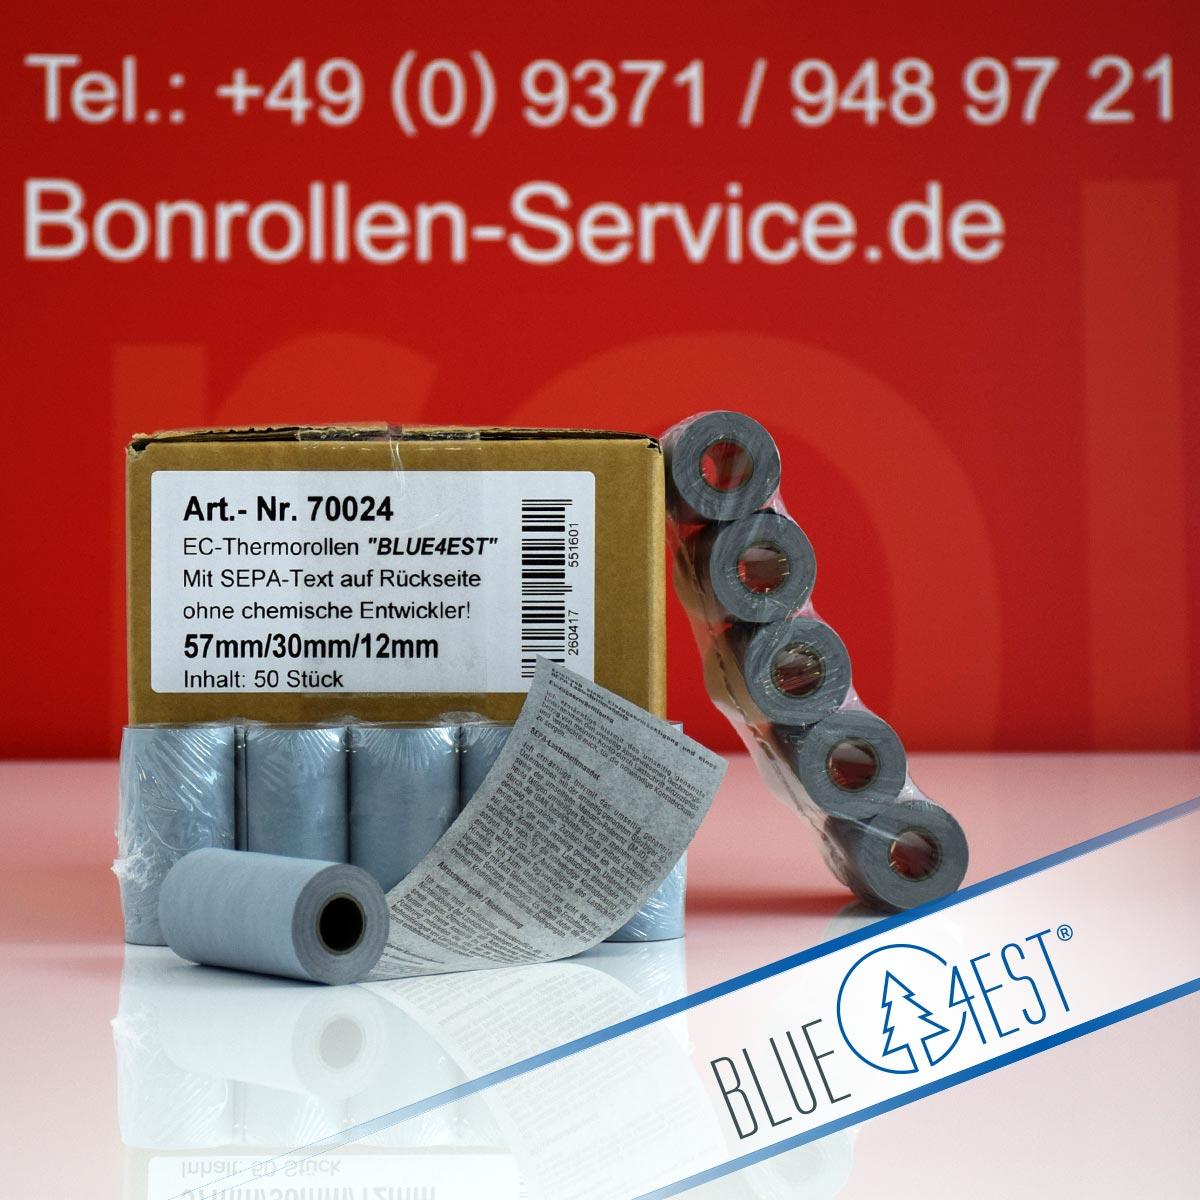 Umweltfreundliche EC-Thermorollen Blue4est 57 / 10m / 12 mit SEPA-Text, blau